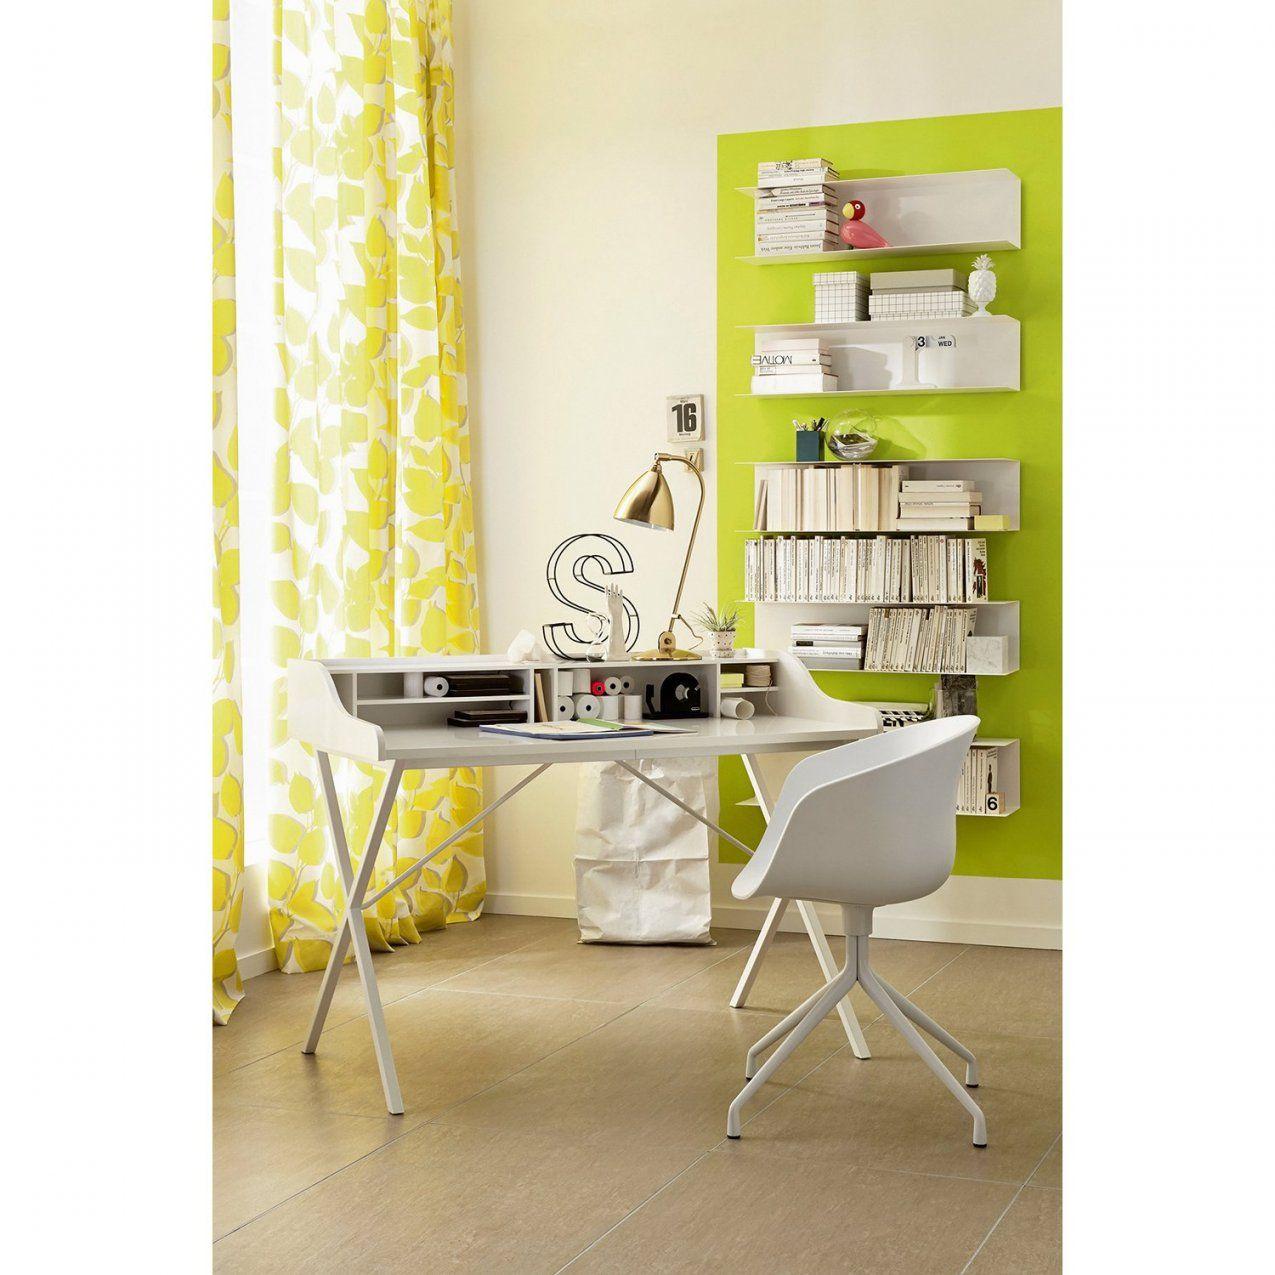 katalog sch ner wohnen kollektion von sch ner wohnen farbe. Black Bedroom Furniture Sets. Home Design Ideas